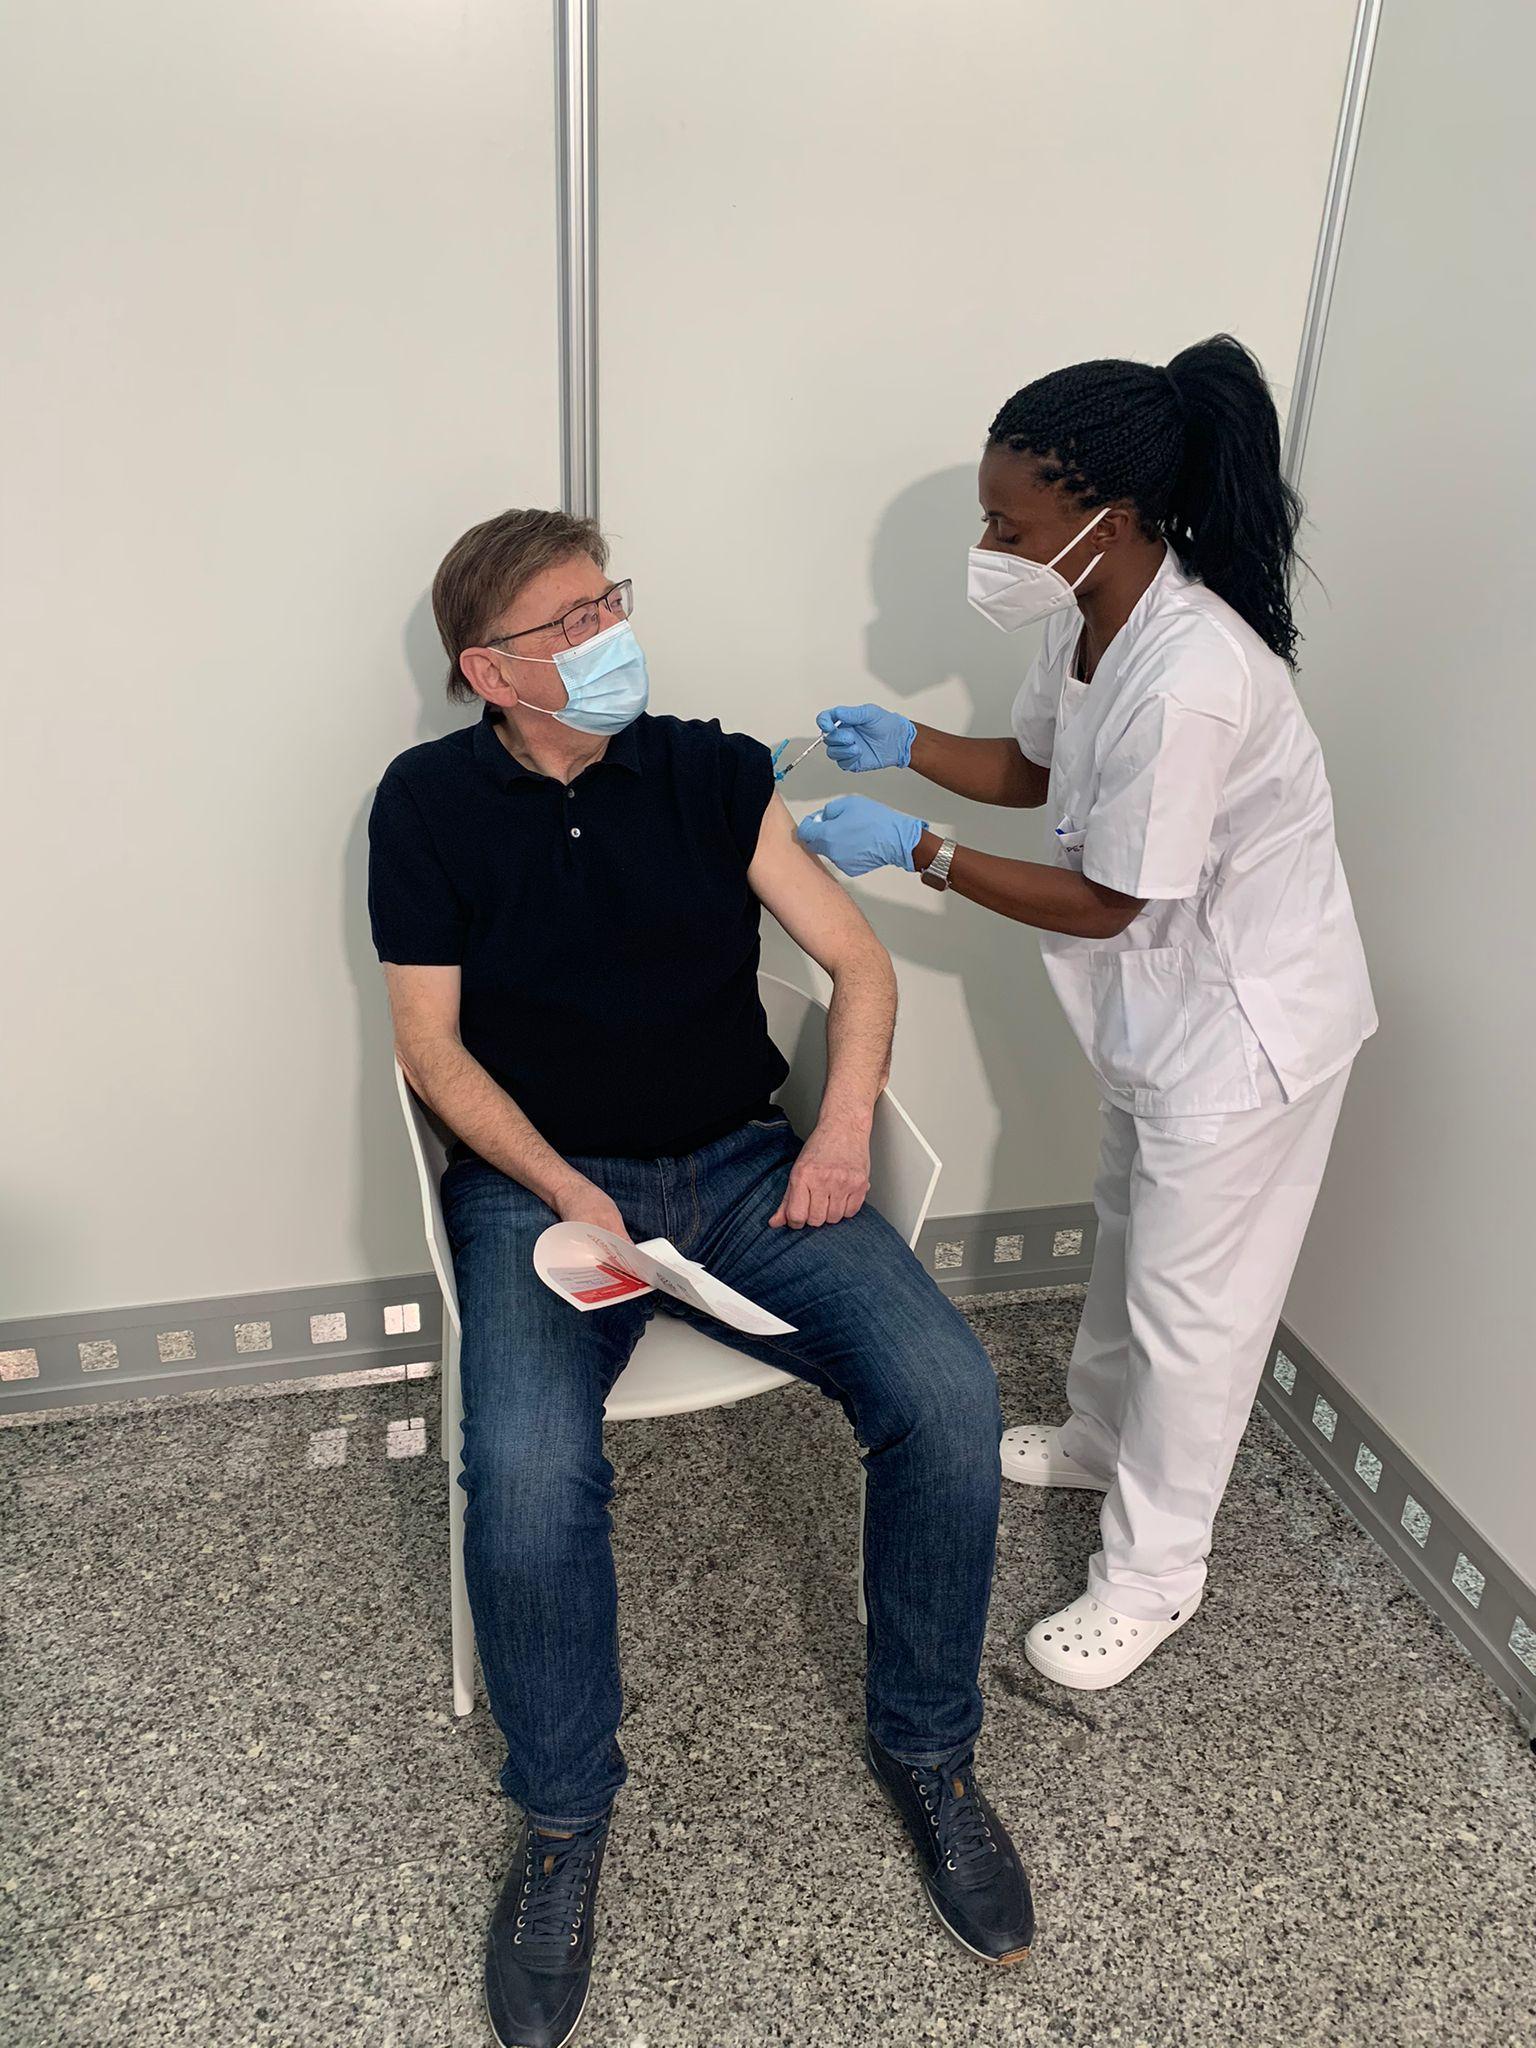 El presidente Puig, vacunado con la primera dosis de AstraZeneca